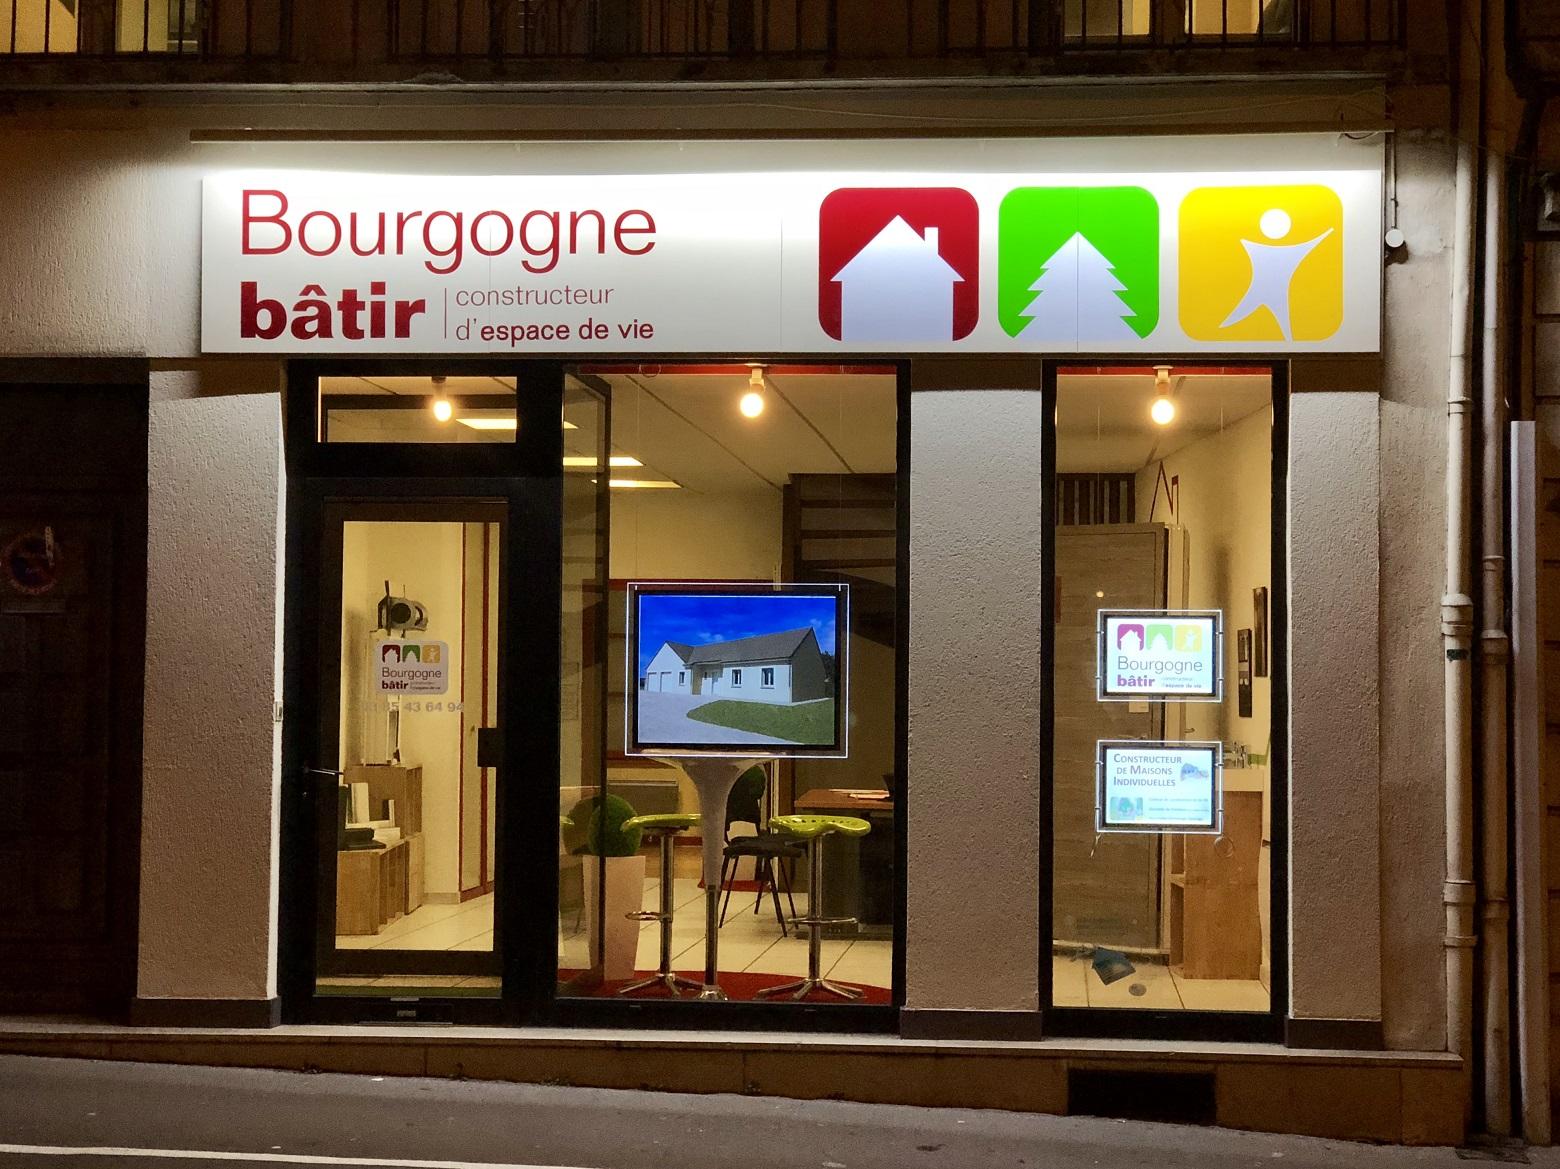 L 39 agence bourgogne b tir for Bourgogne batir